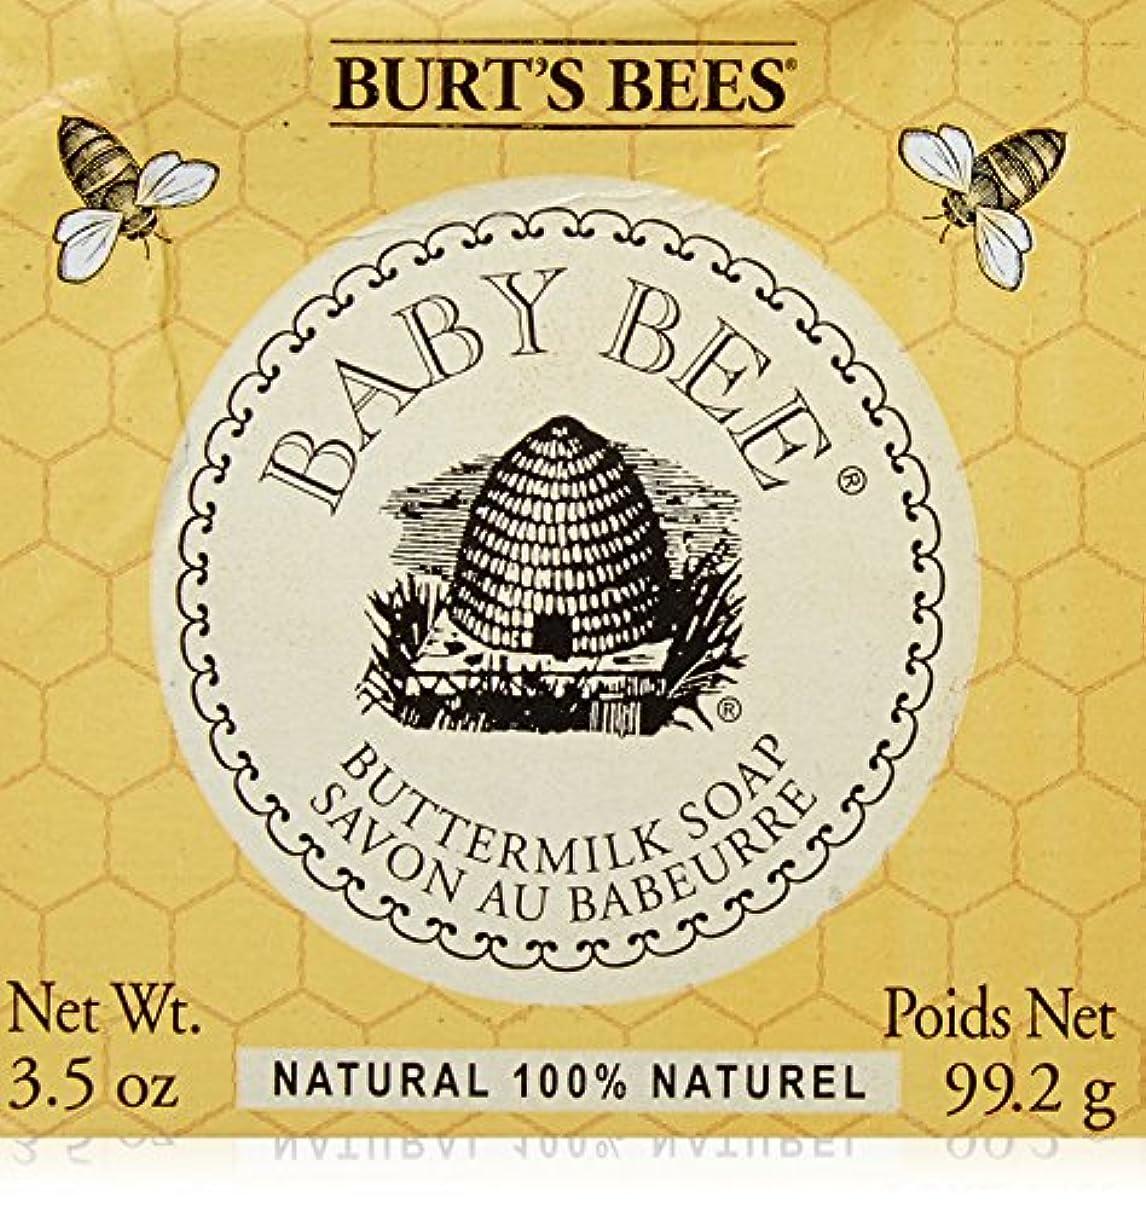 フィヨルドポーチかかわらずバーツビーズ BURT'S BEES Babybee バターミルクソープ 99g